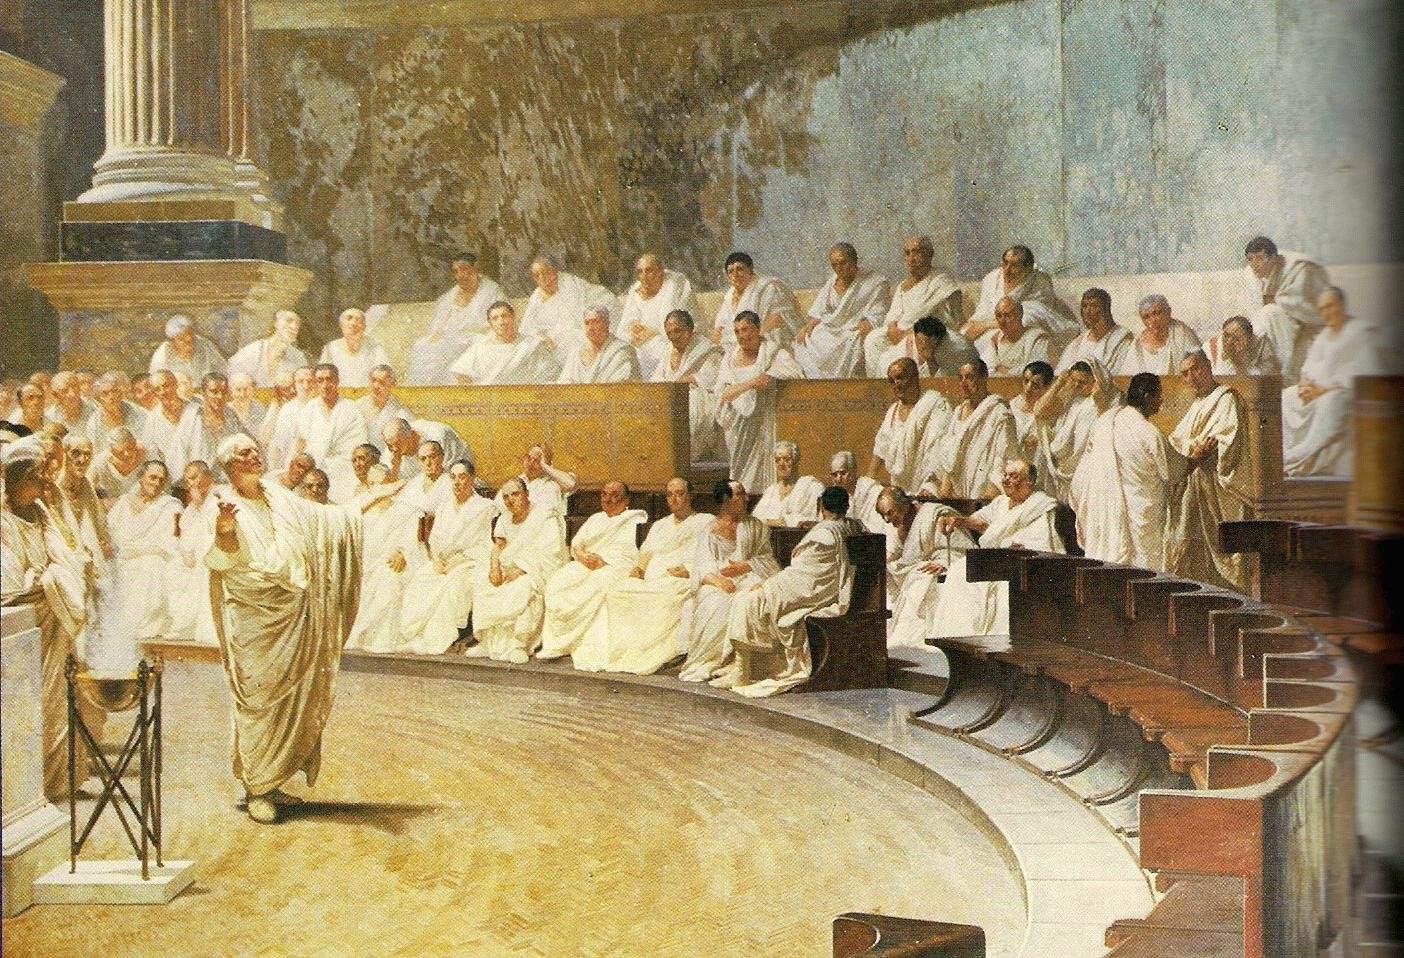 Доклад на тему ораторское искусство древней греции 5443